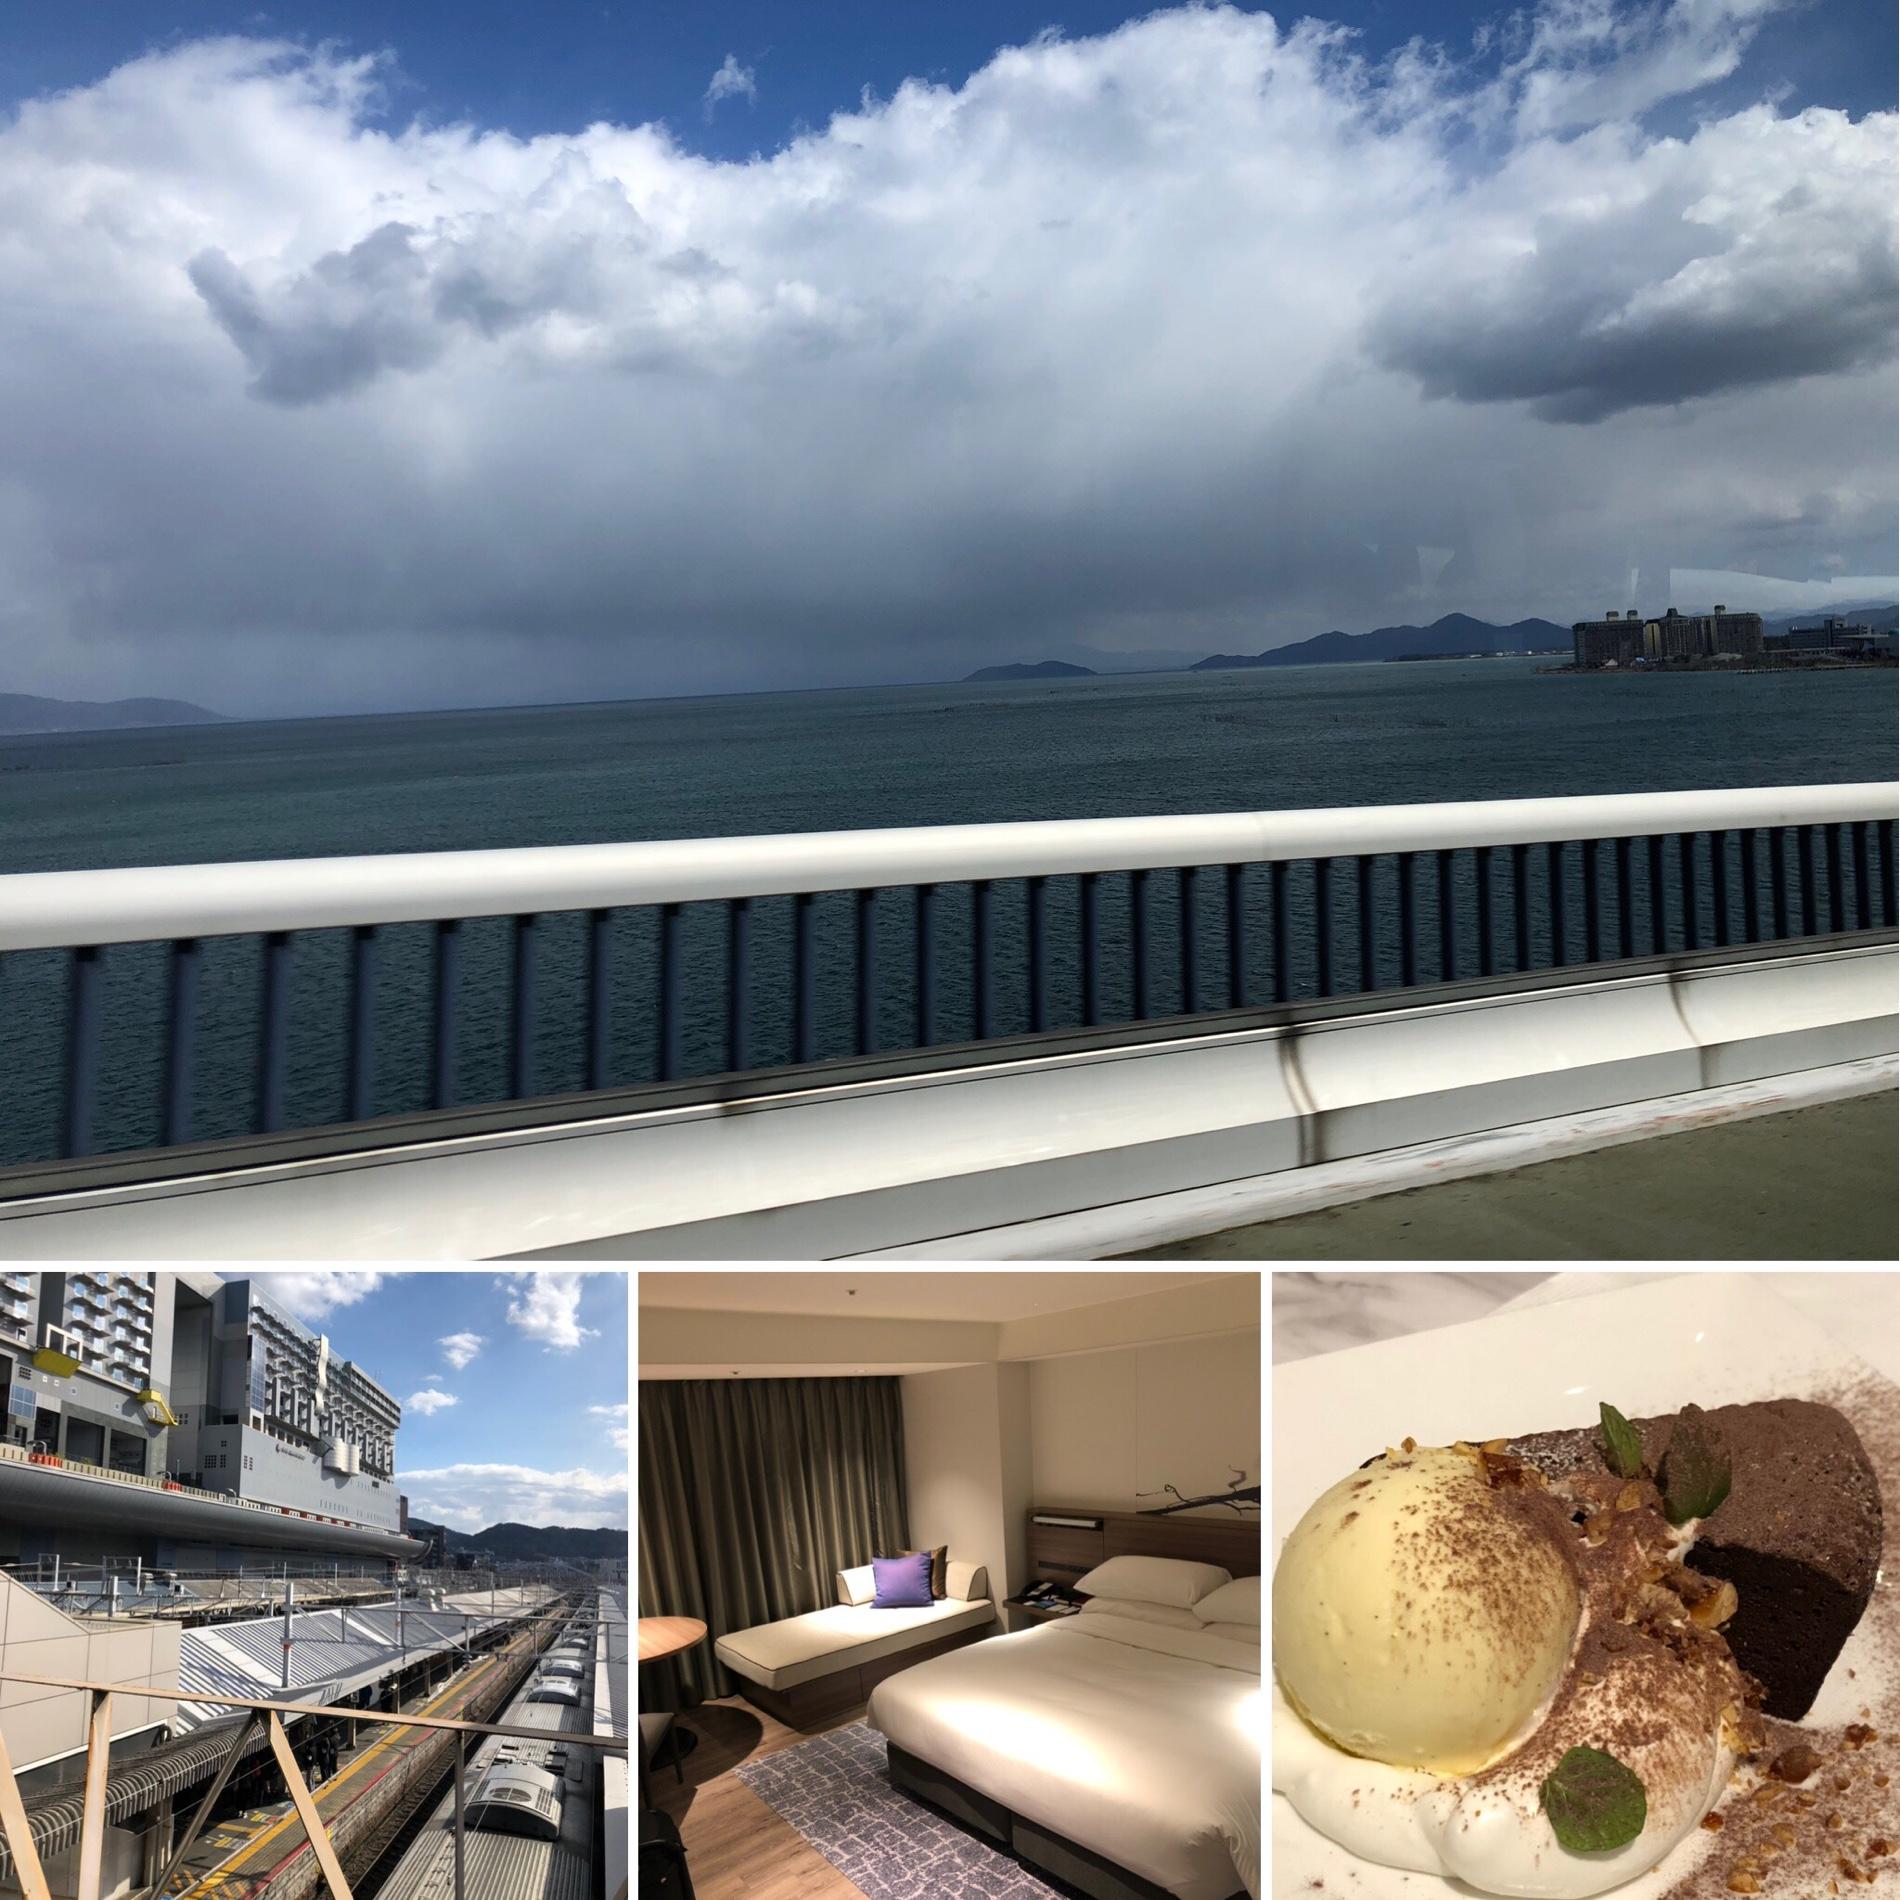 健康住宅について琵琶湖のほとりで考えてきました